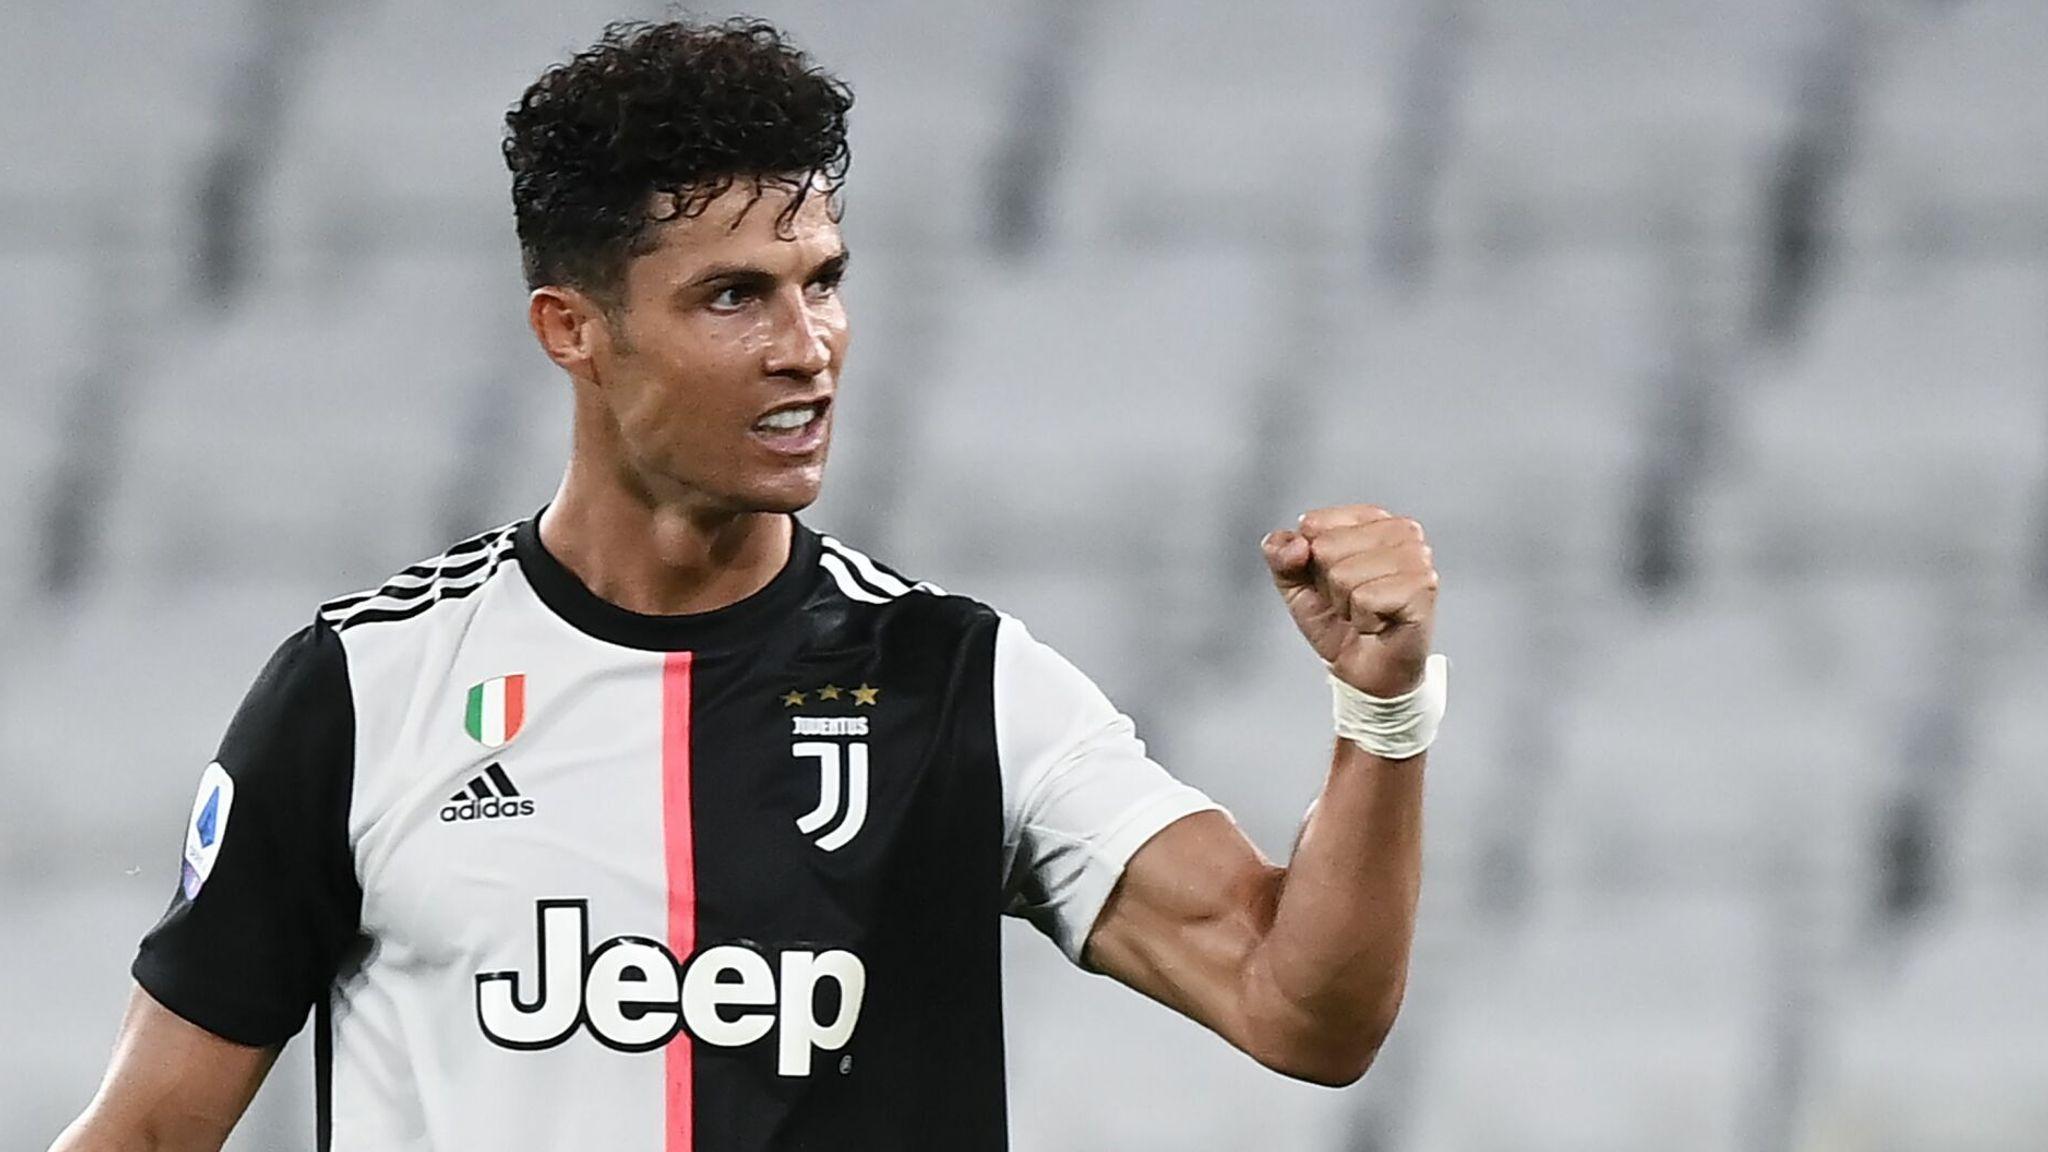 Khả năng sút phạt của Ronaldo ngày càng tệ hại - Bóng Đá